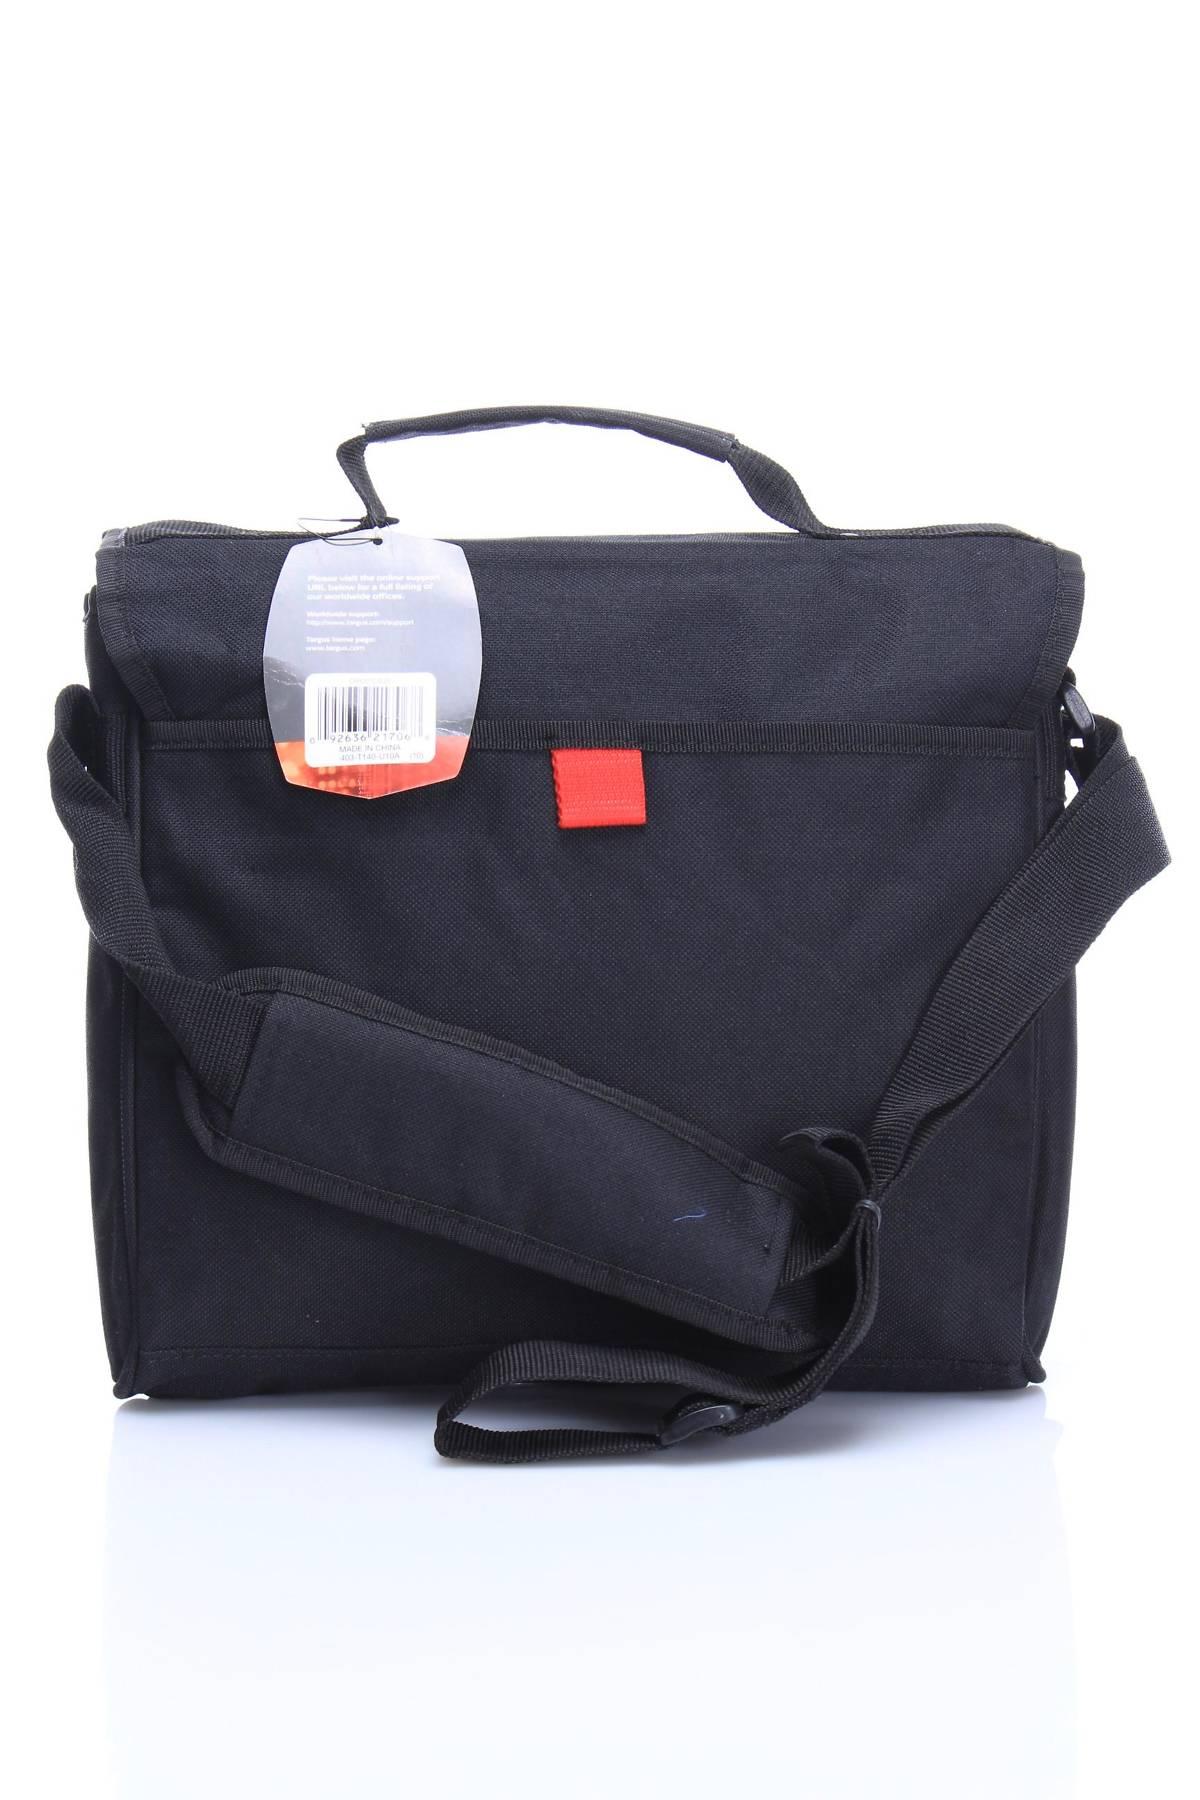 Чанта за лаптоп Targus4